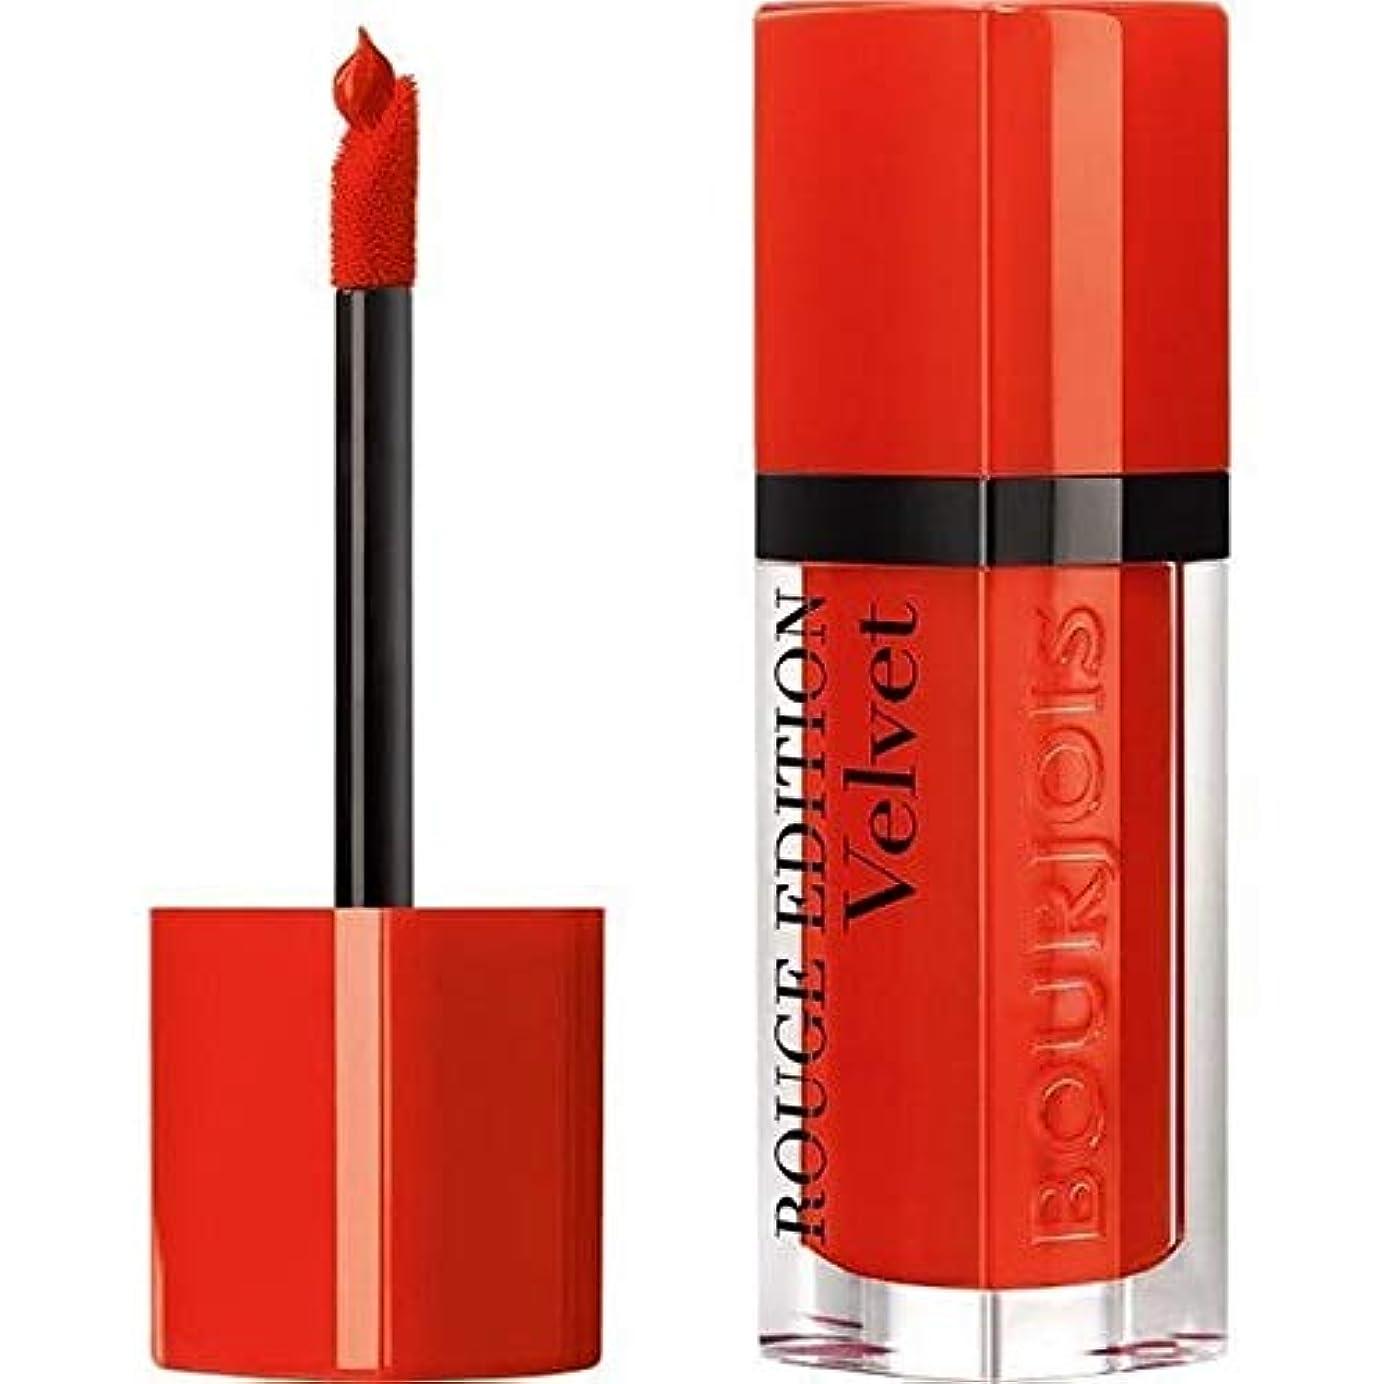 定義アプライアンス辞任する[Bourjois ] ブルジョワルージュ版のベルベットの口紅ケシの日20 - Bourjois Rouge Edition Velvet Lipstick Poppy Days 20 [並行輸入品]